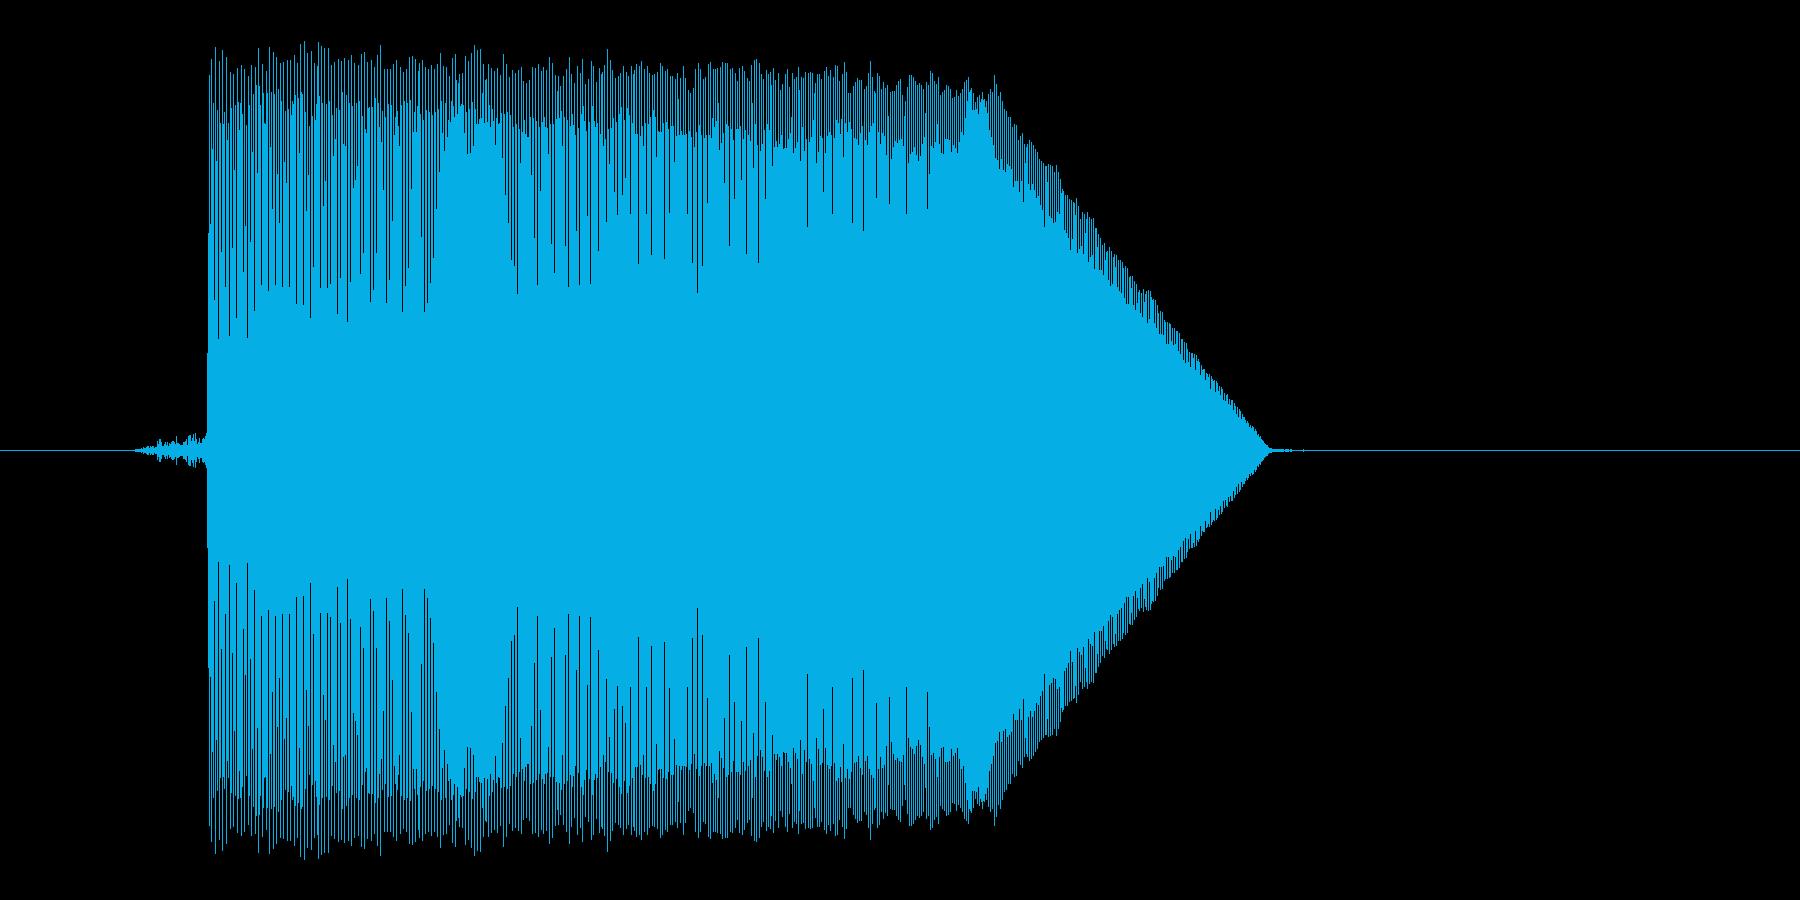 ゲーム(ファミコン風)ジャンプ音_017の再生済みの波形